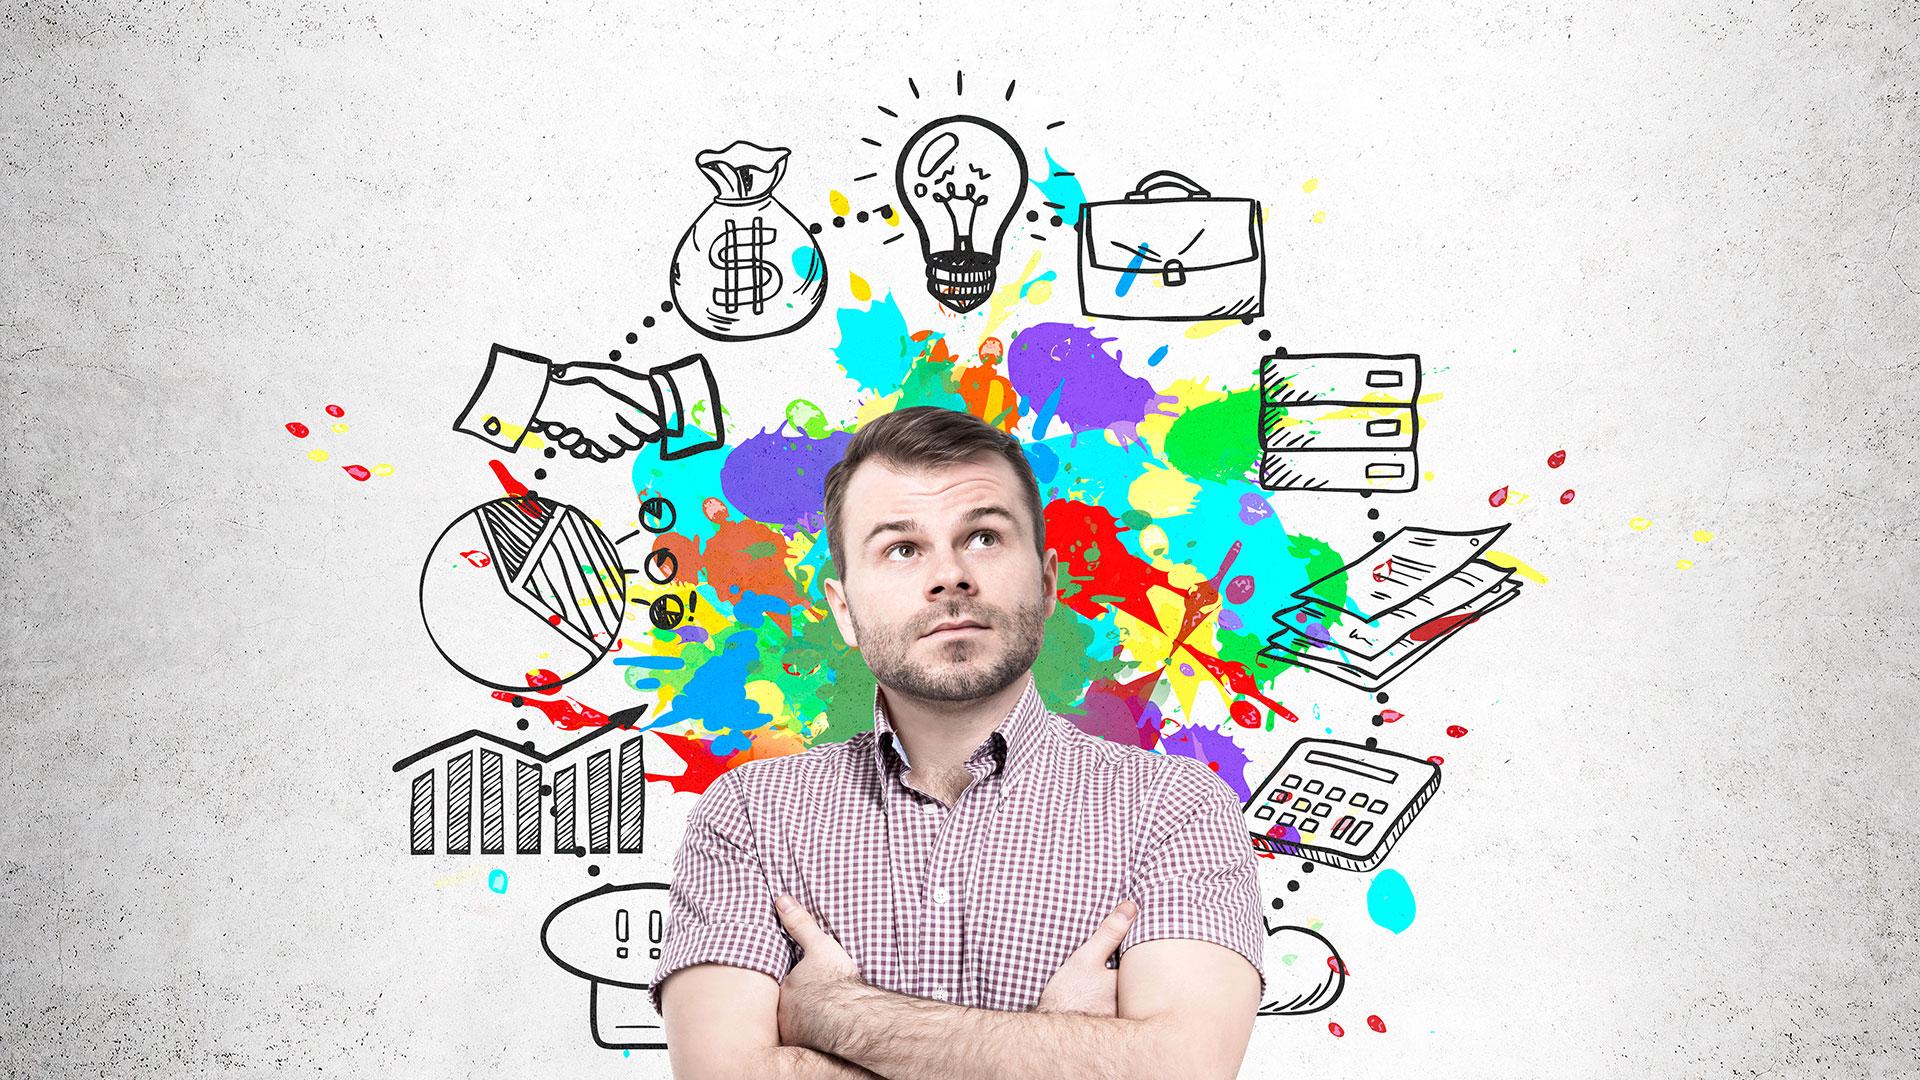 Six Key Business Coach Habits